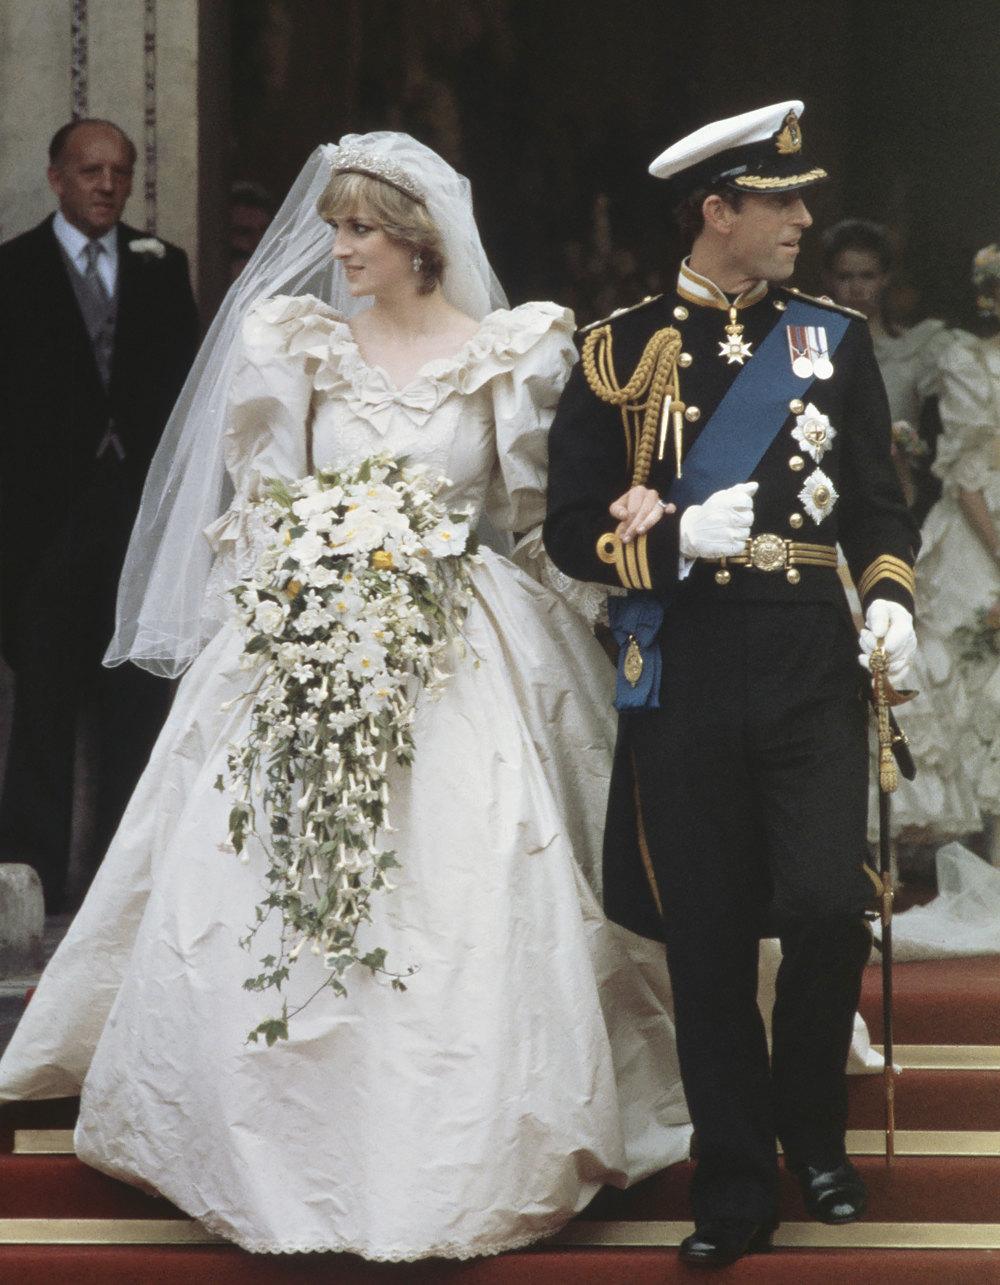 Свадьба леди Дианы Спенсер ипринца Чарльза, Лондон, июль 1981